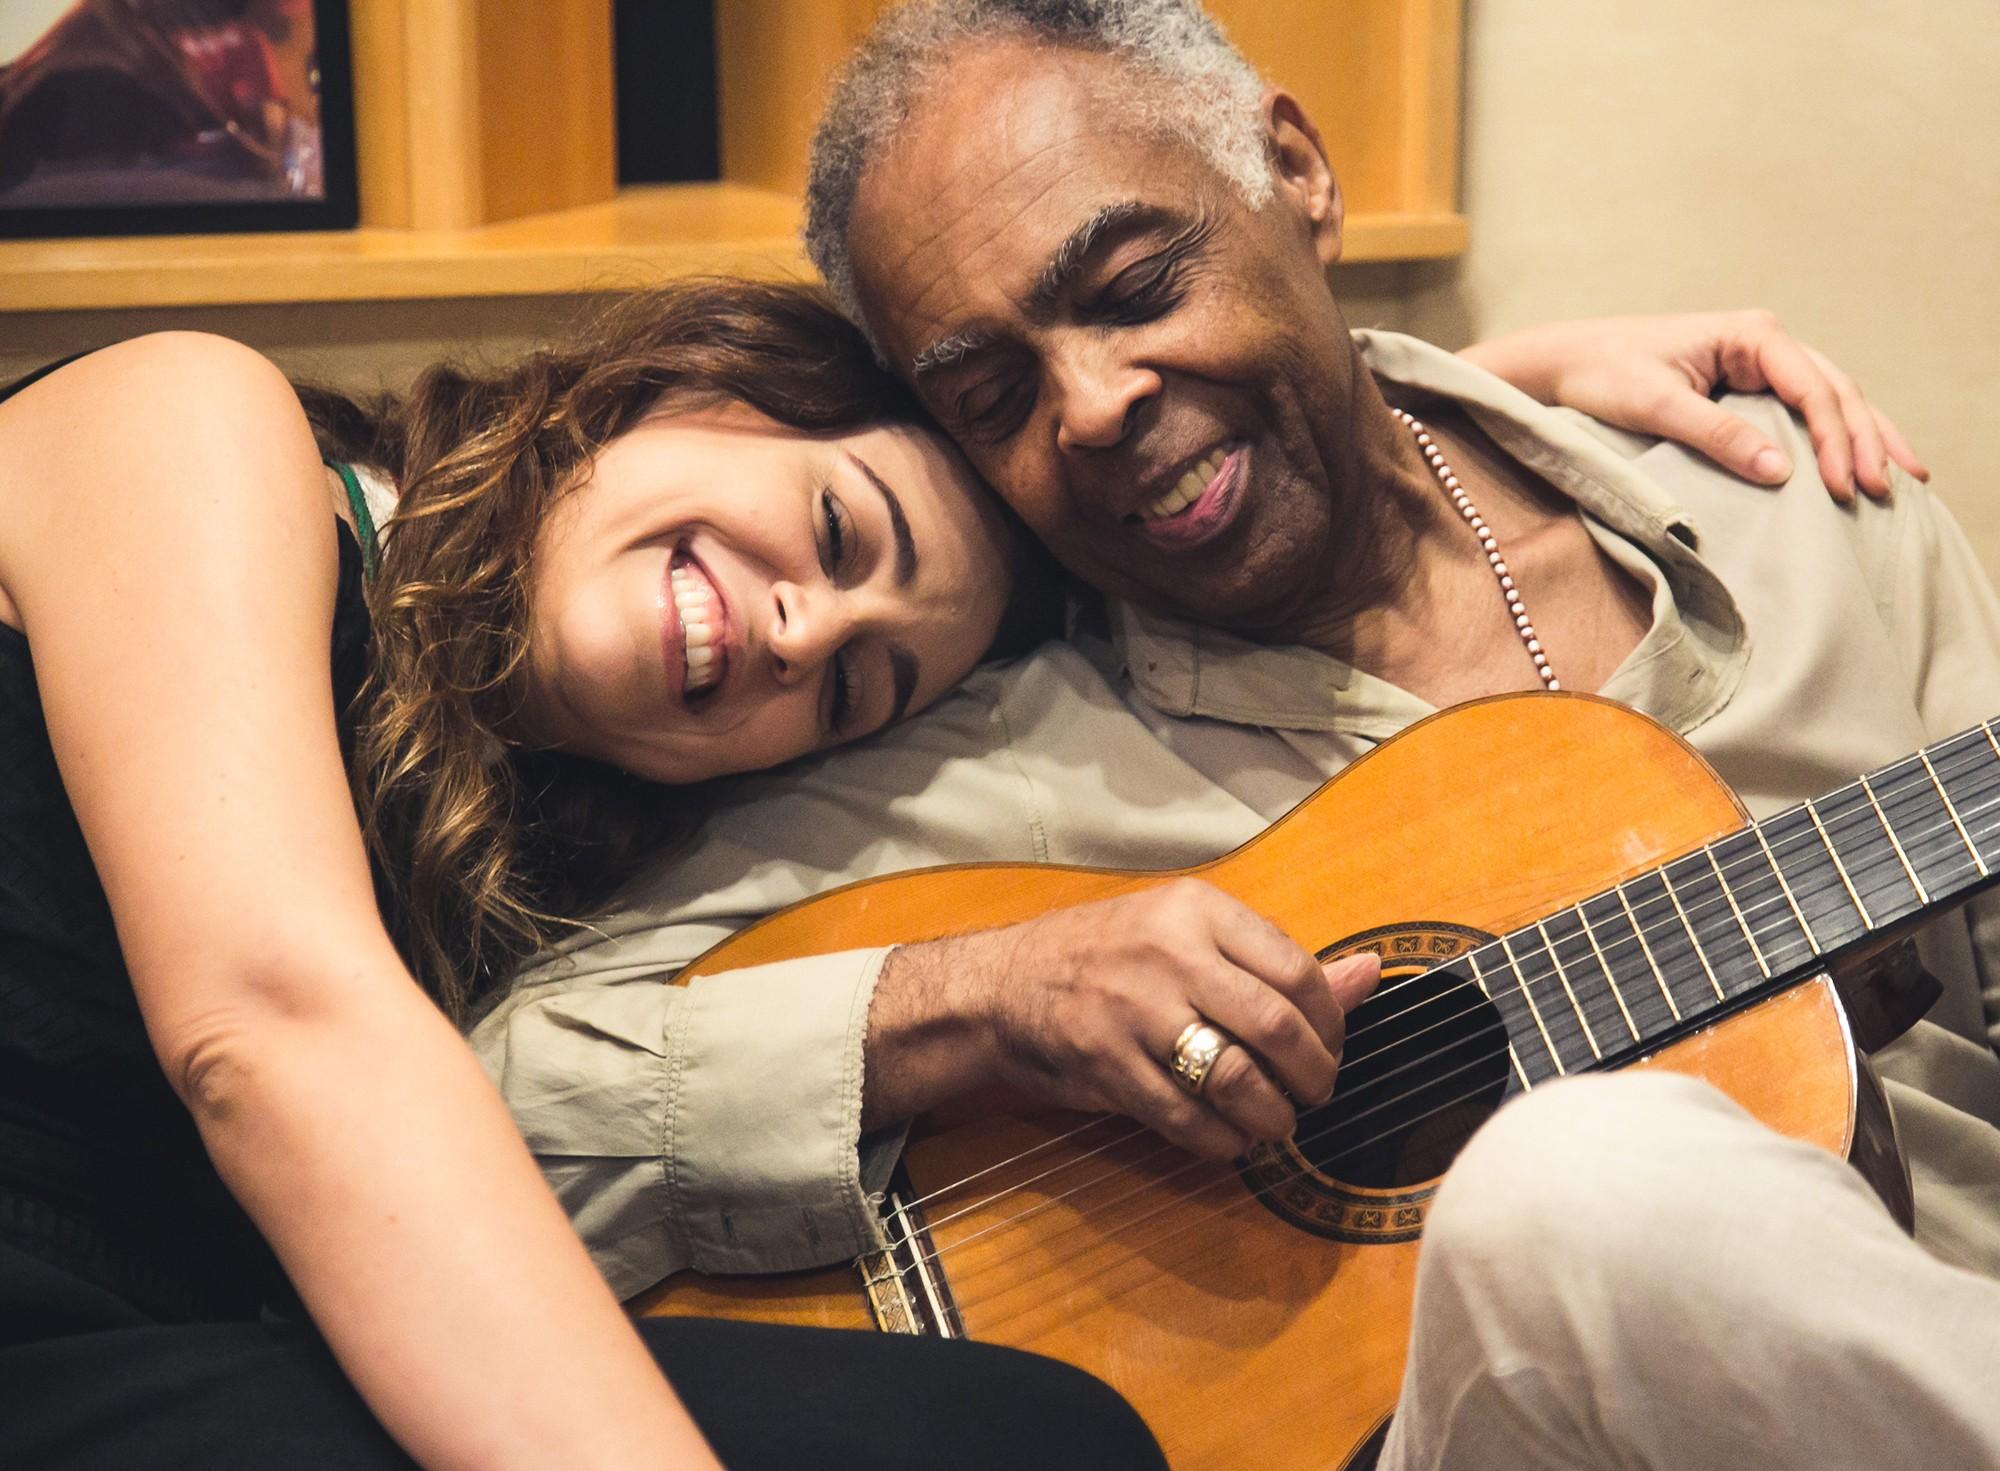 Roberta Sá balança entre sambas e xotes ao gravitar em torno de cancioneiro inédito de Gilberto Gil